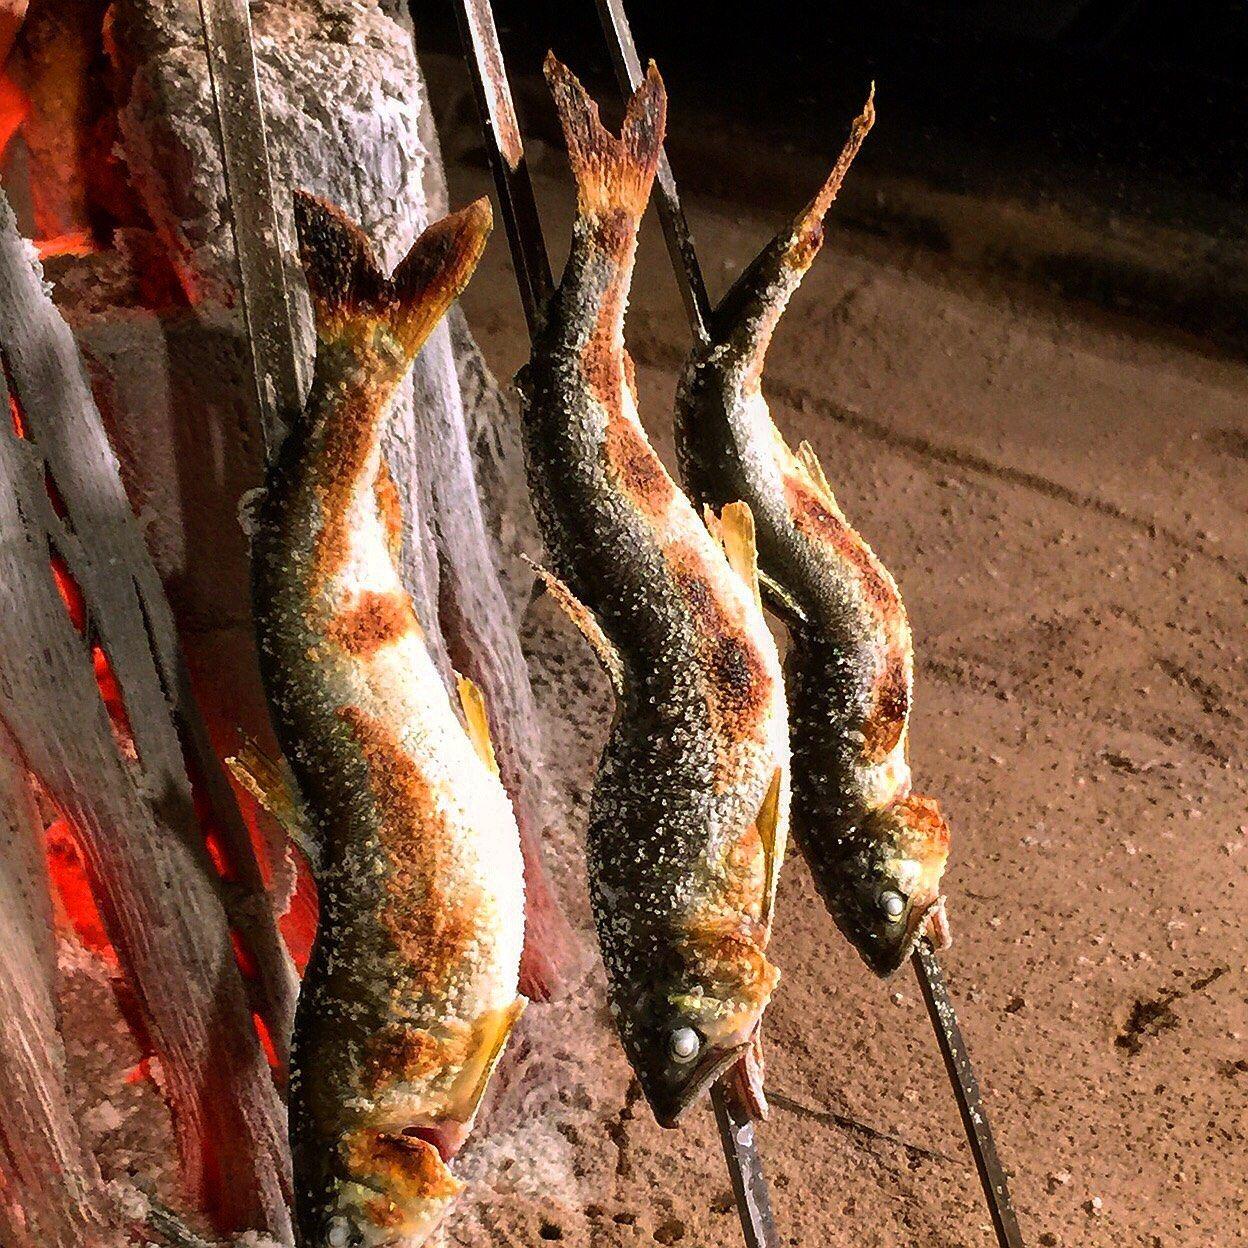 鮎は栄養たっぷりおいしく食べて夏を乗り切ろう